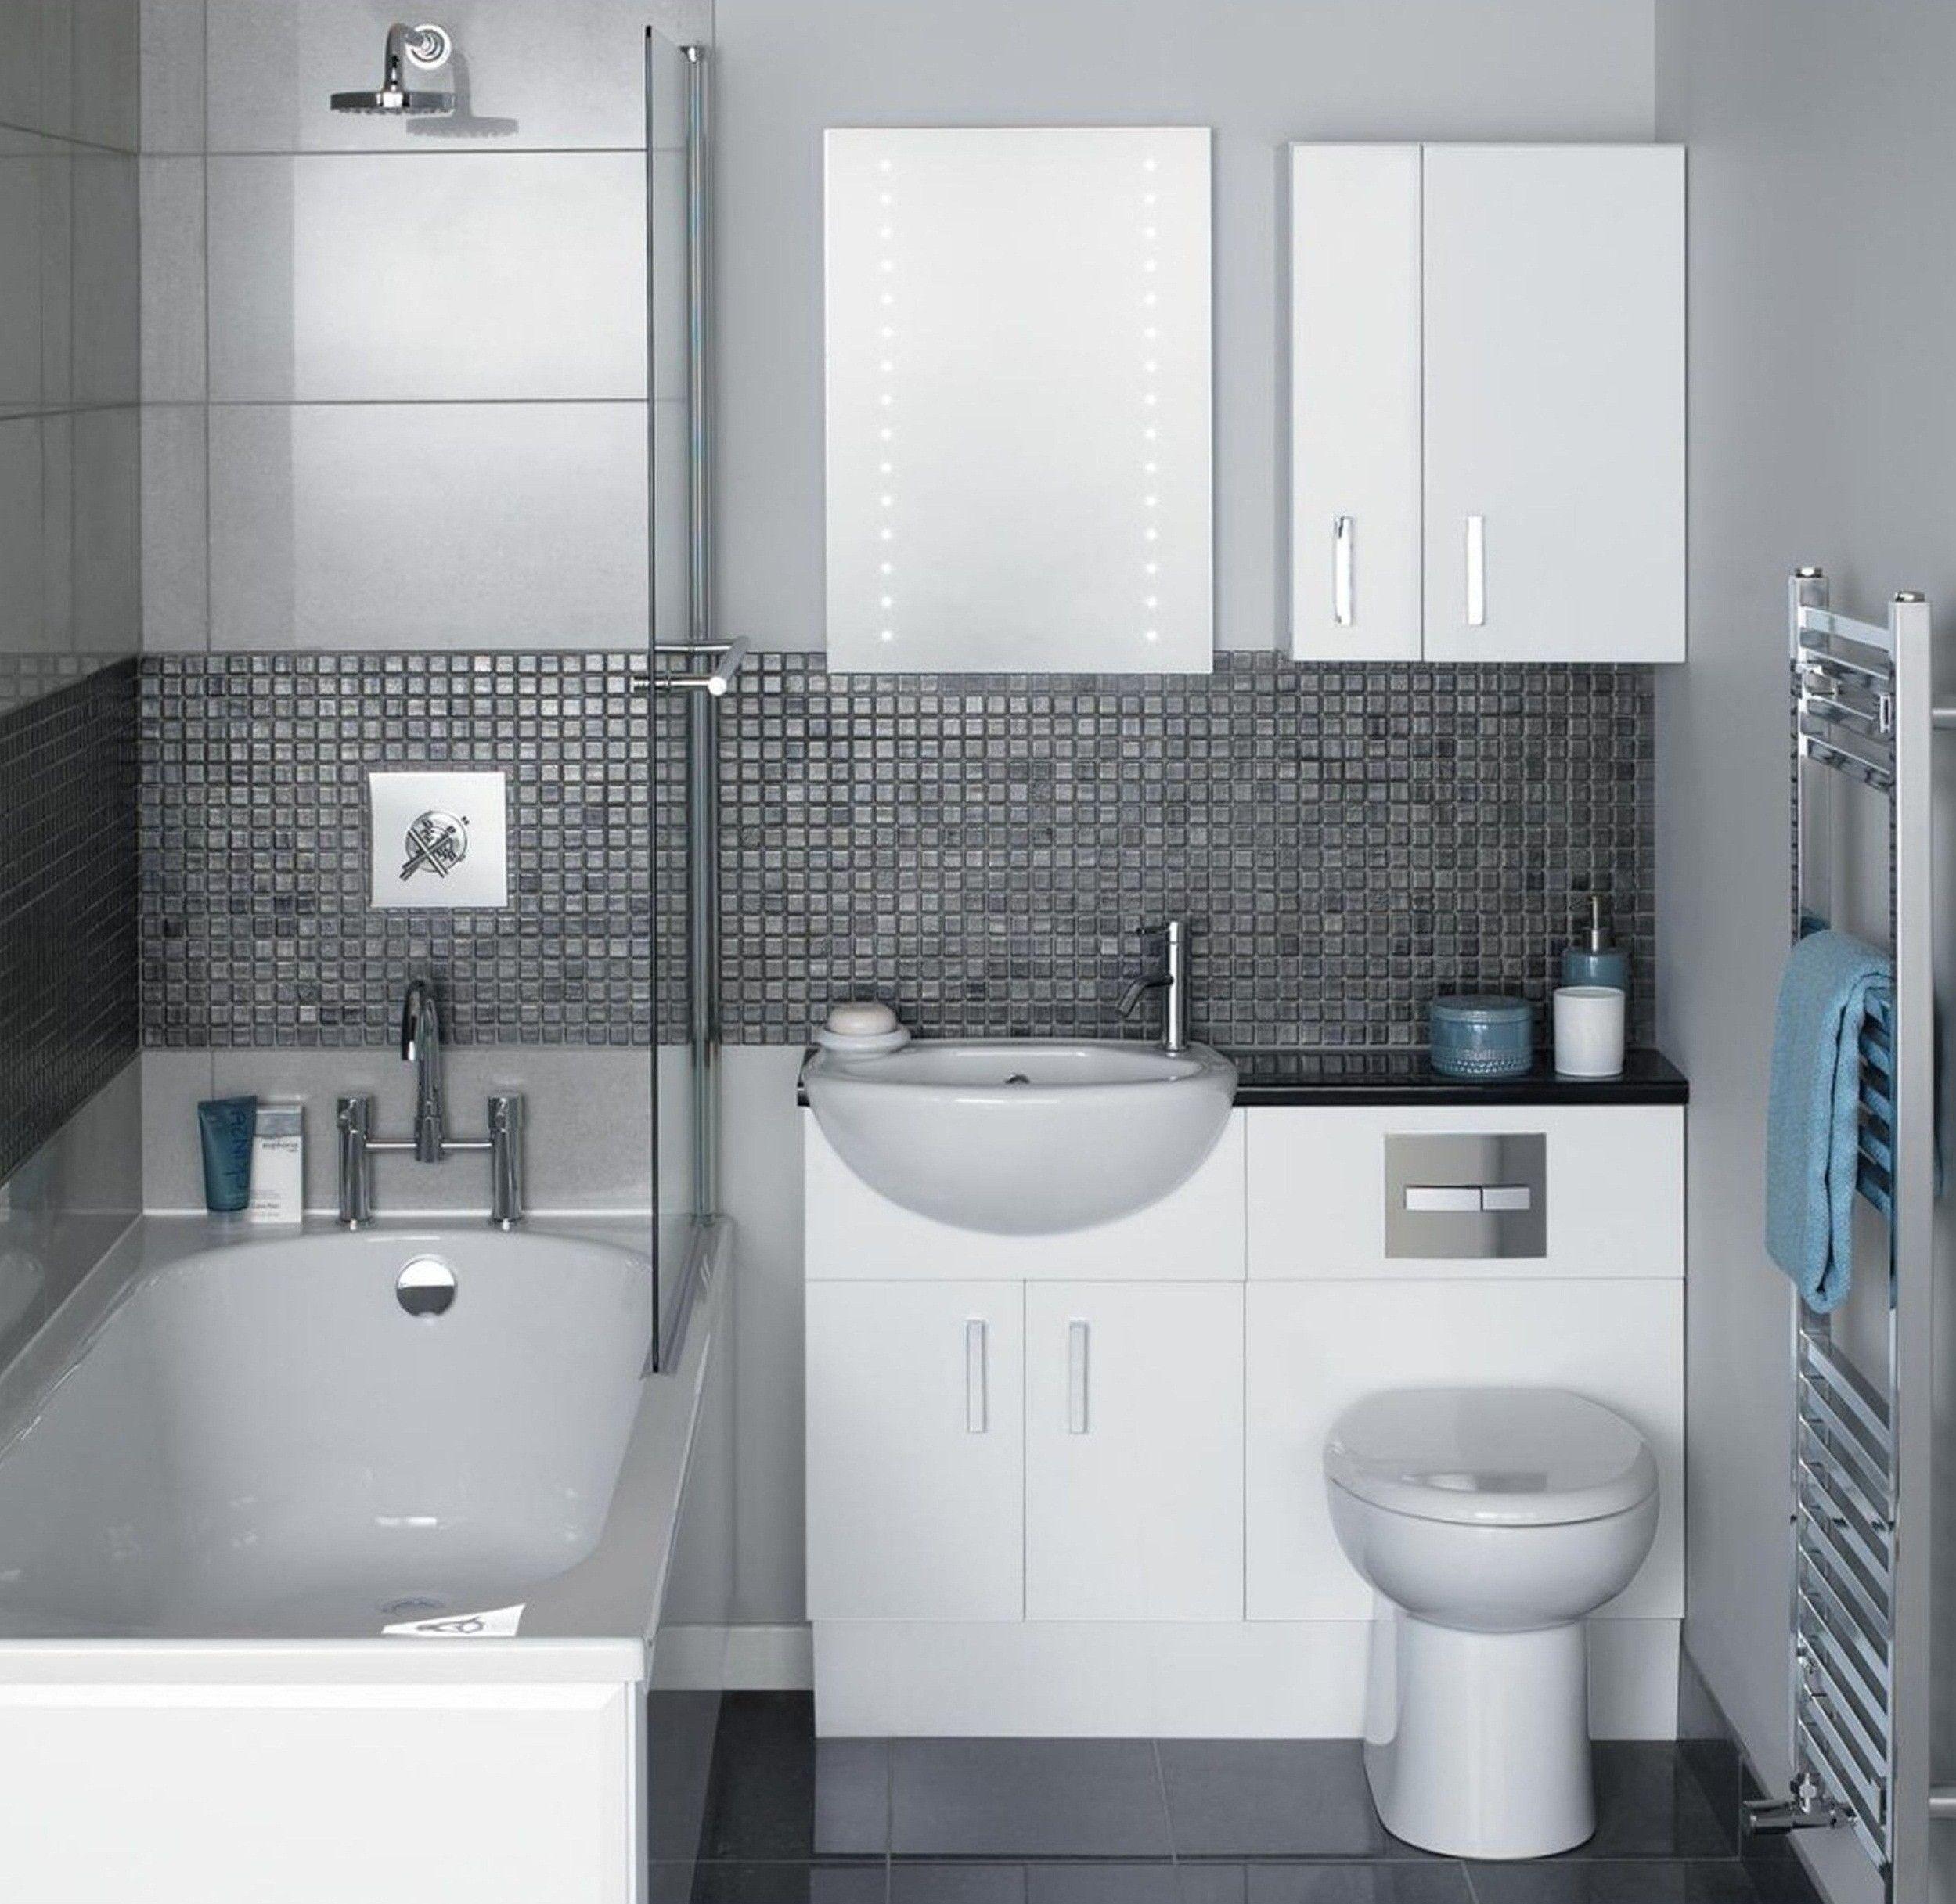 Small Modern Bathroom Ideas With Bathtub